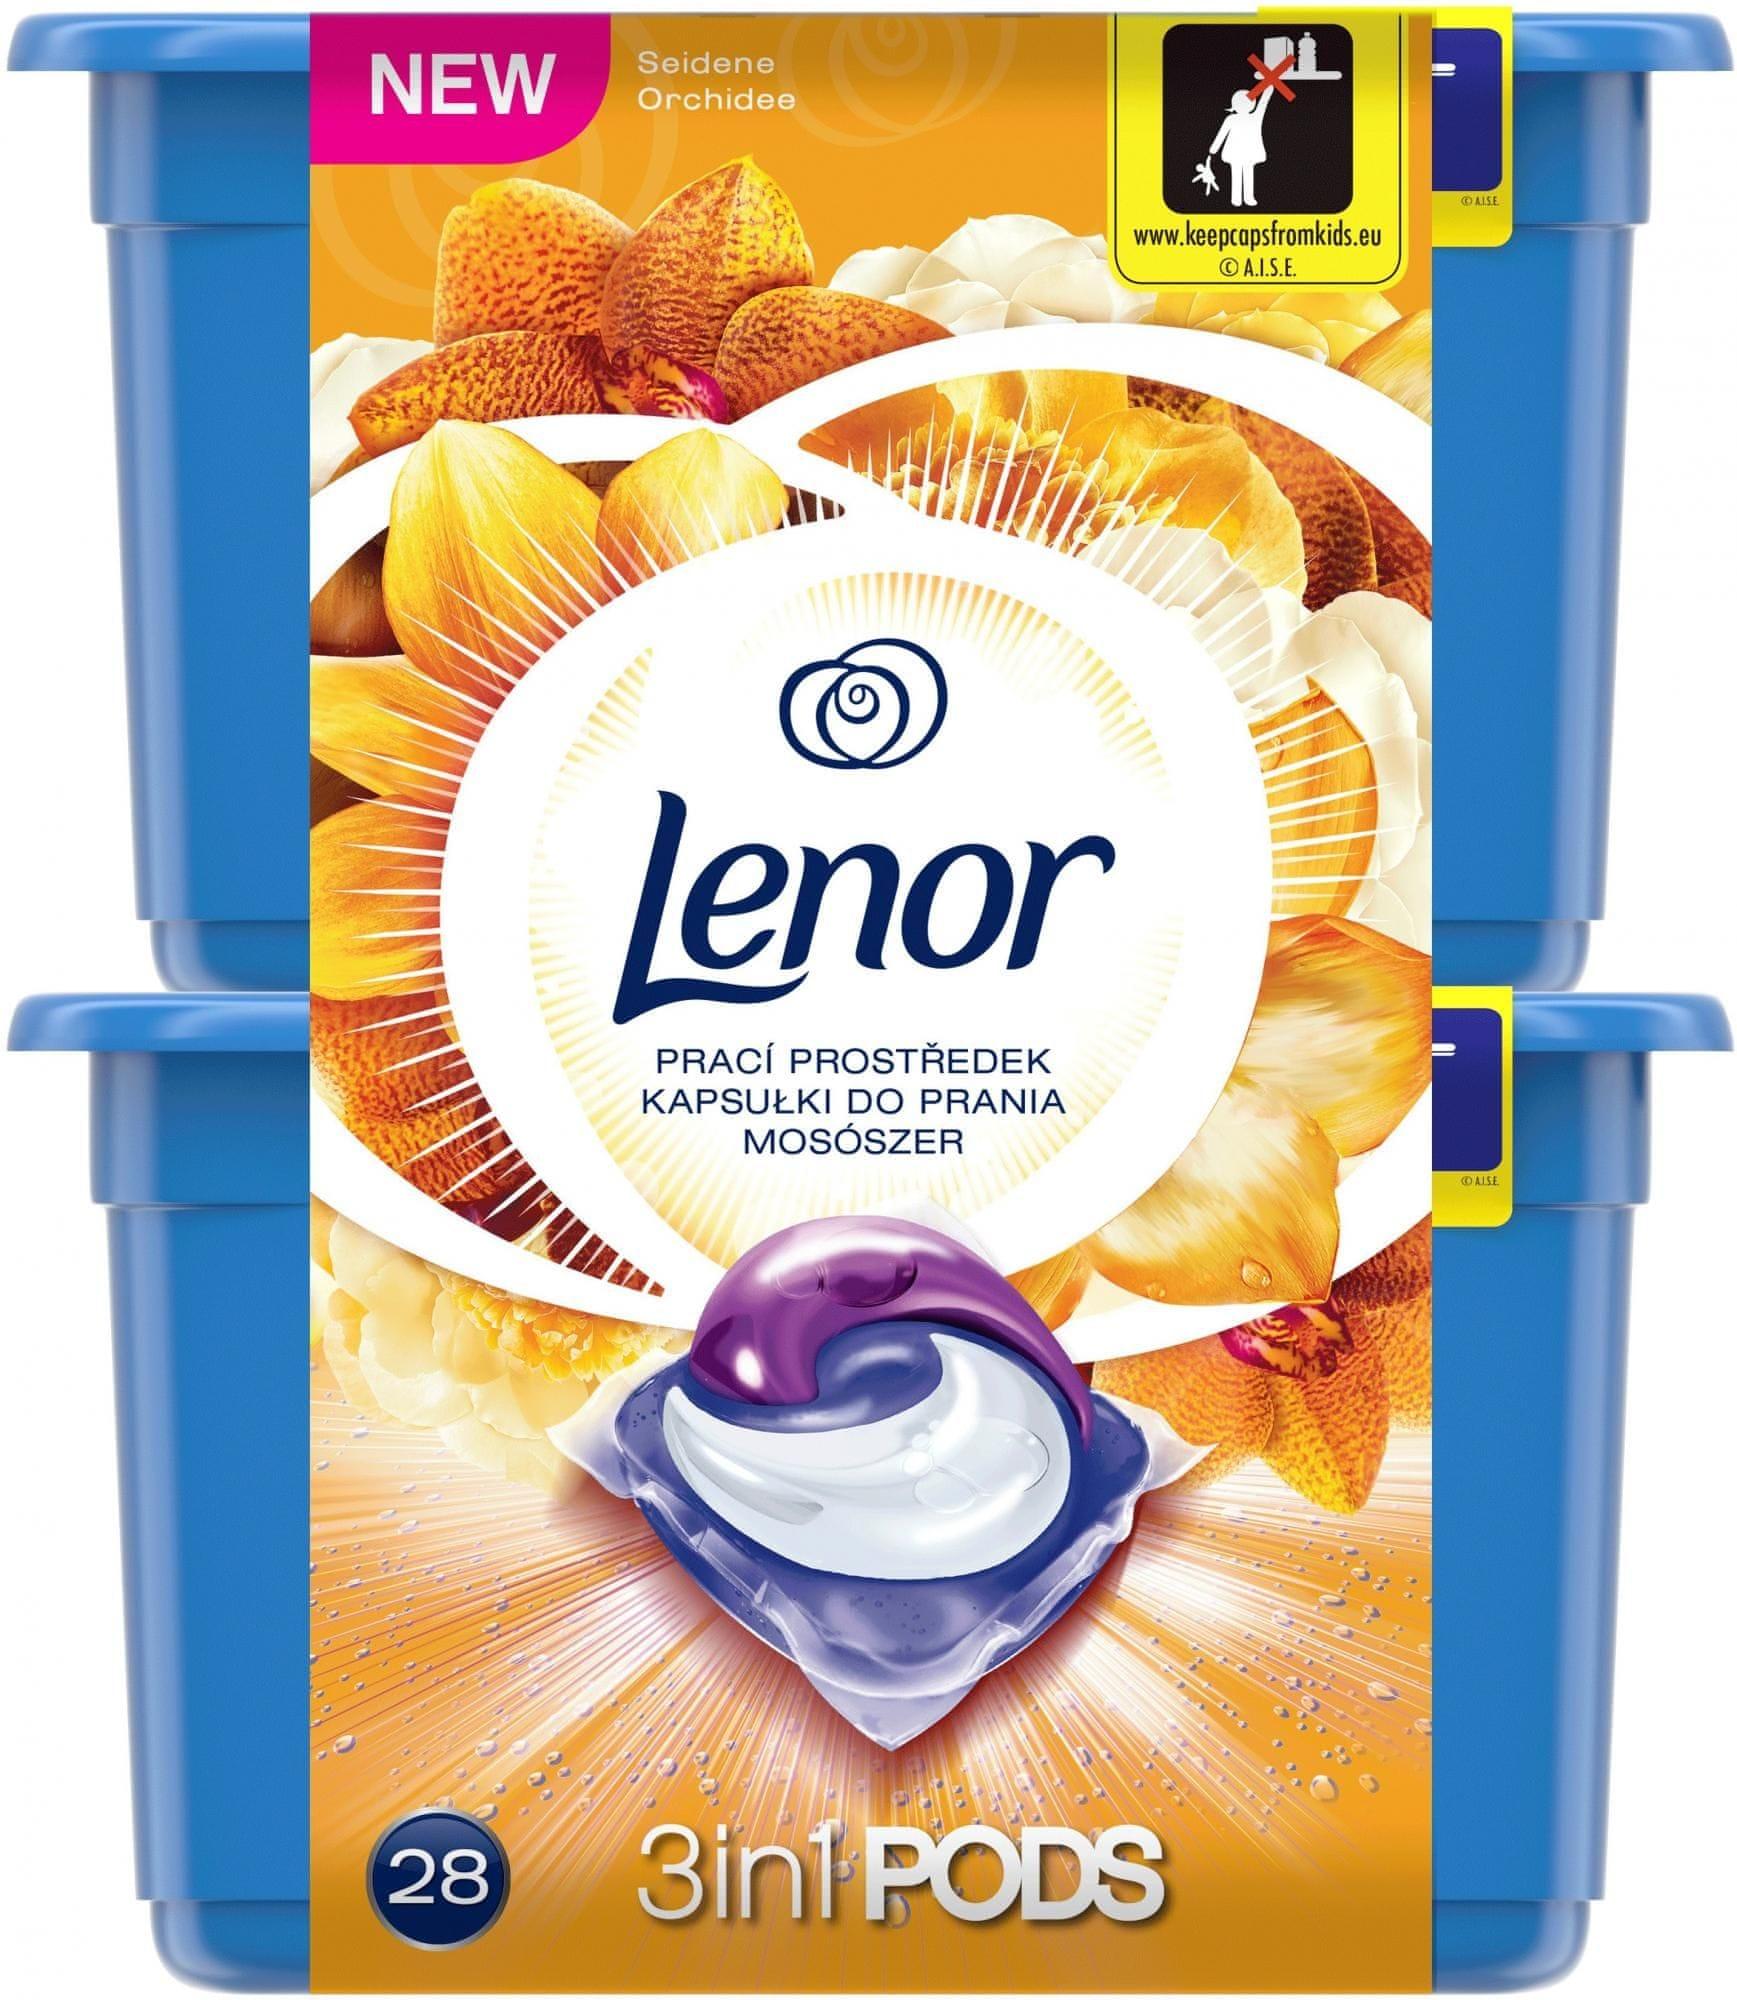 Lenor Shimmering Silk Orchid kapsle na praní 28 praní